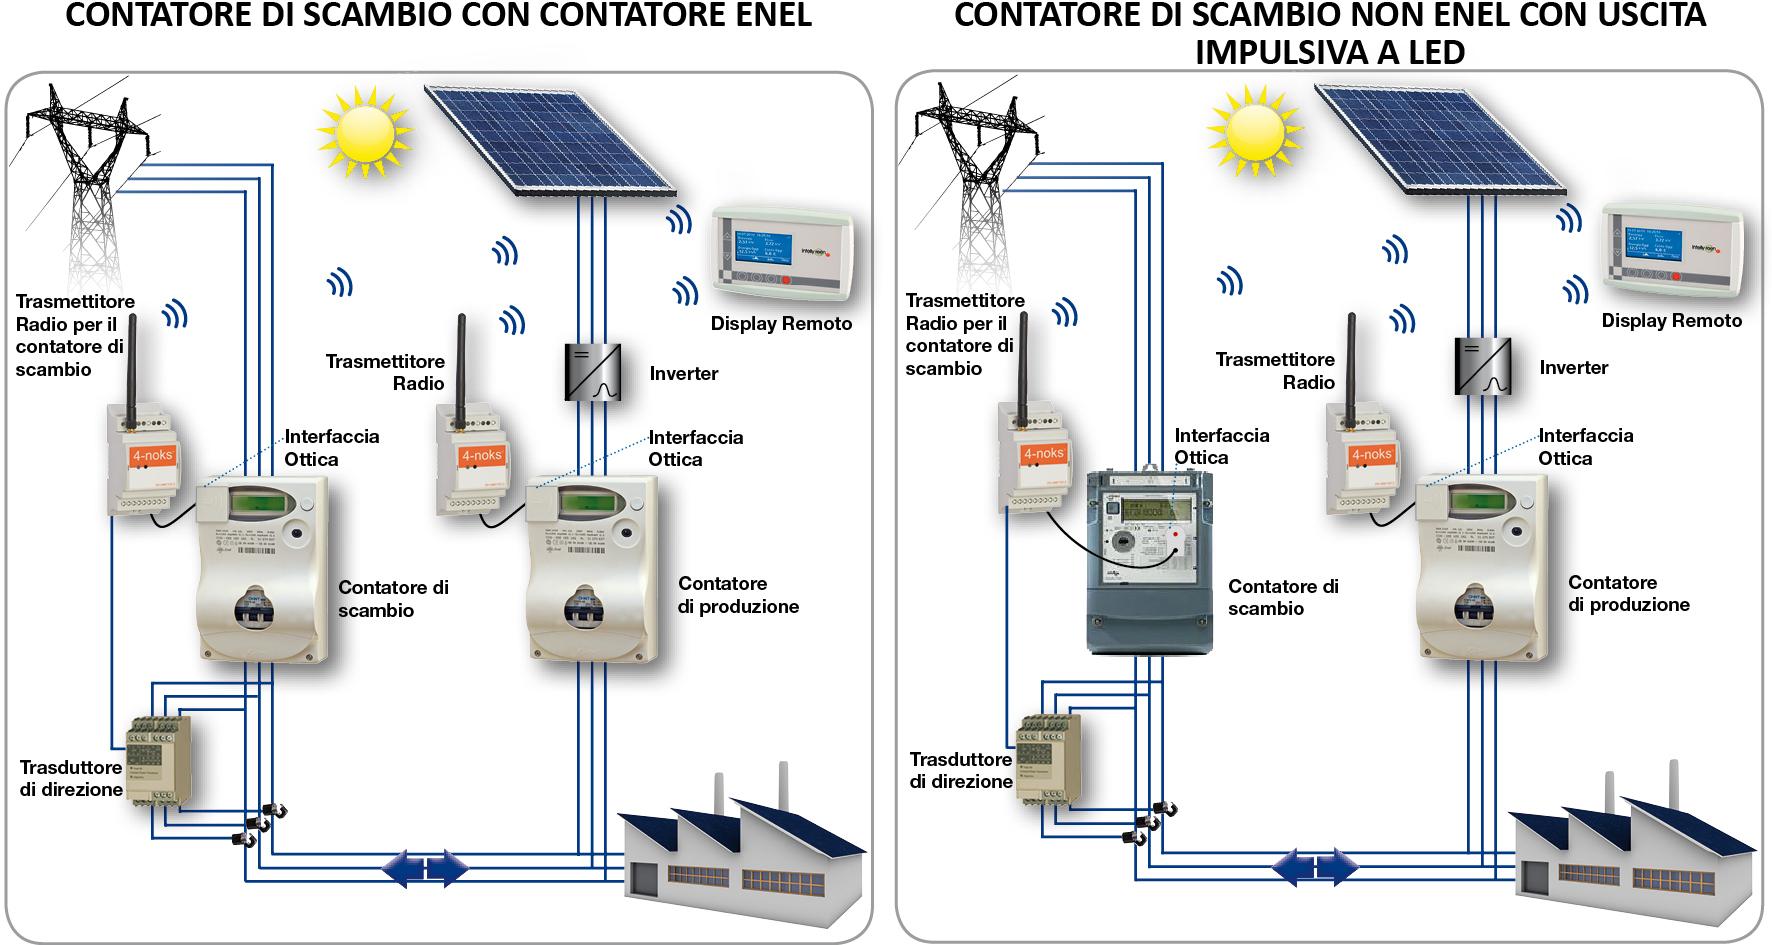 Portable Solar Home Systems Vernal Energy Group Ltd